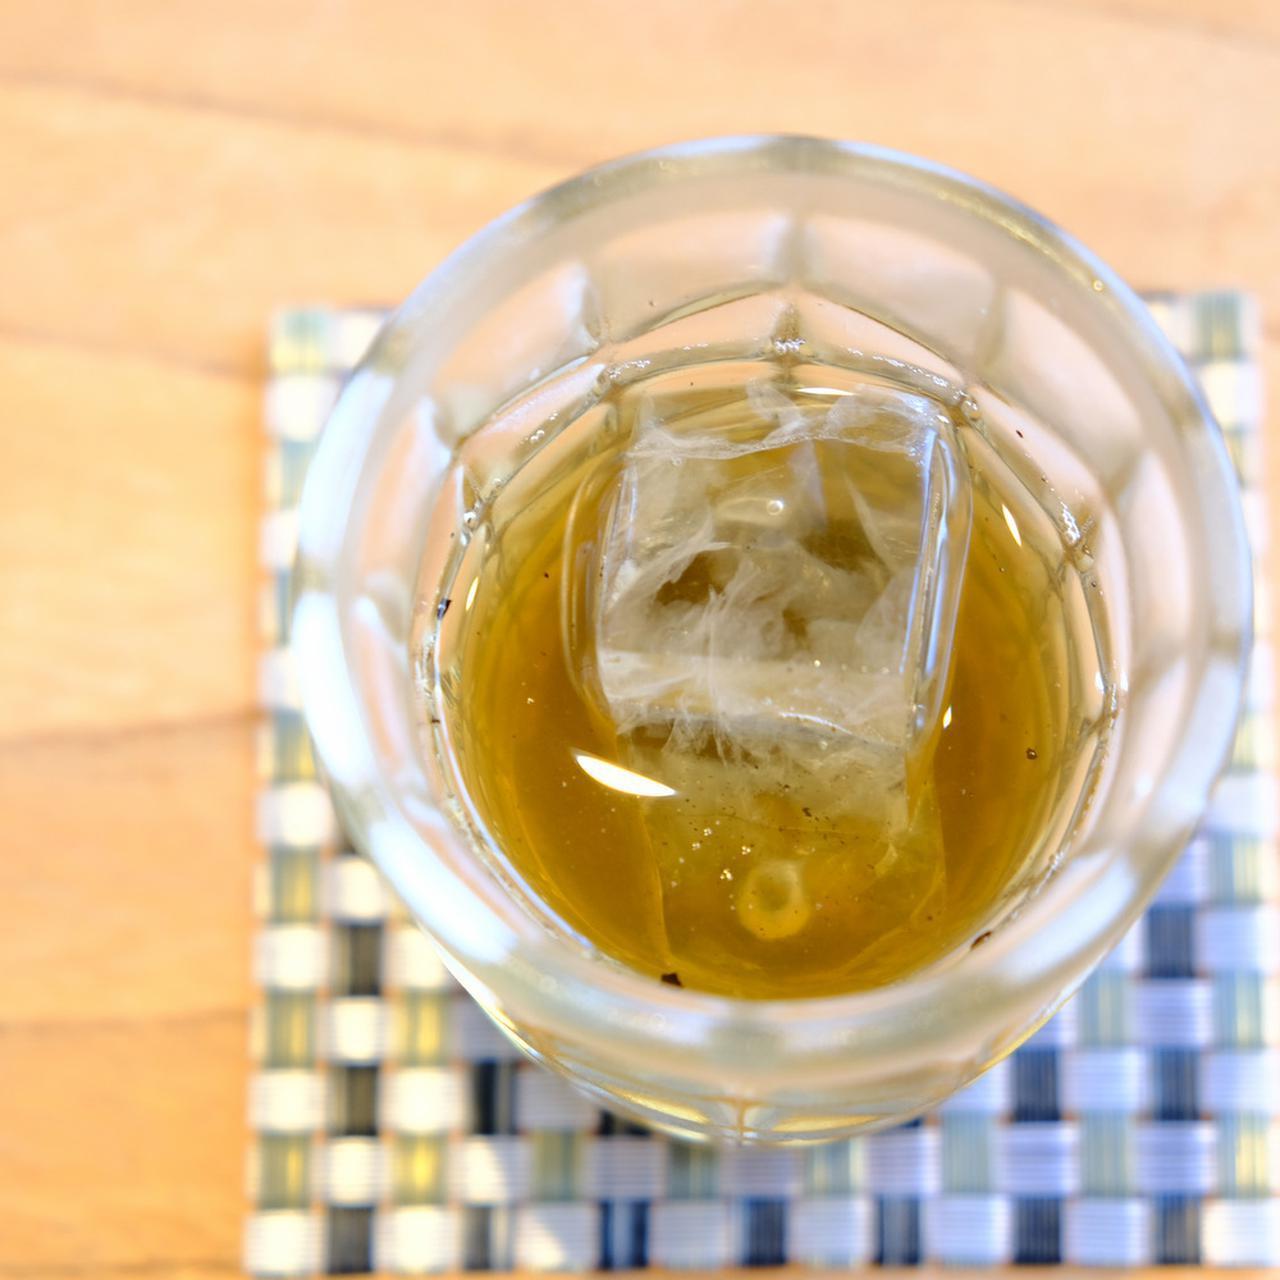 画像: この日は真夏の如く暑かったので、席についてすぐの冷たいほうじ茶がとっても美味しかった…。